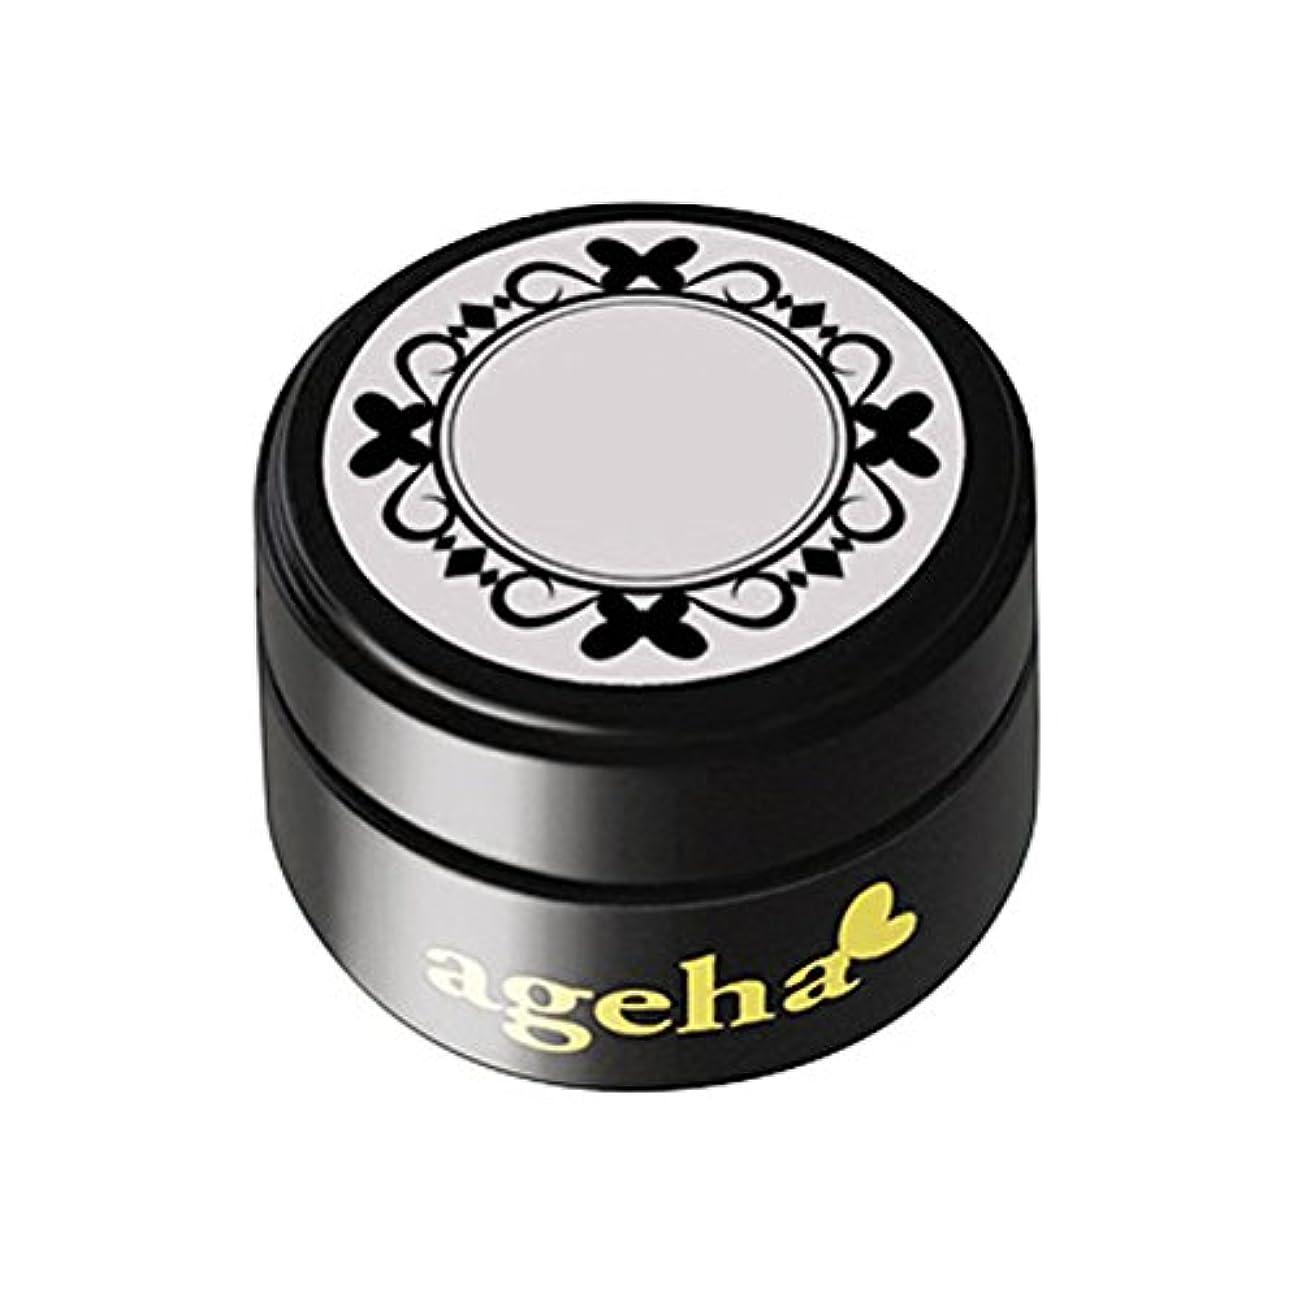 差し控える表面的なブロッサムageha gel カラージェル コスメカラー 106 ミルクヌード 2.7g UV/LED対応